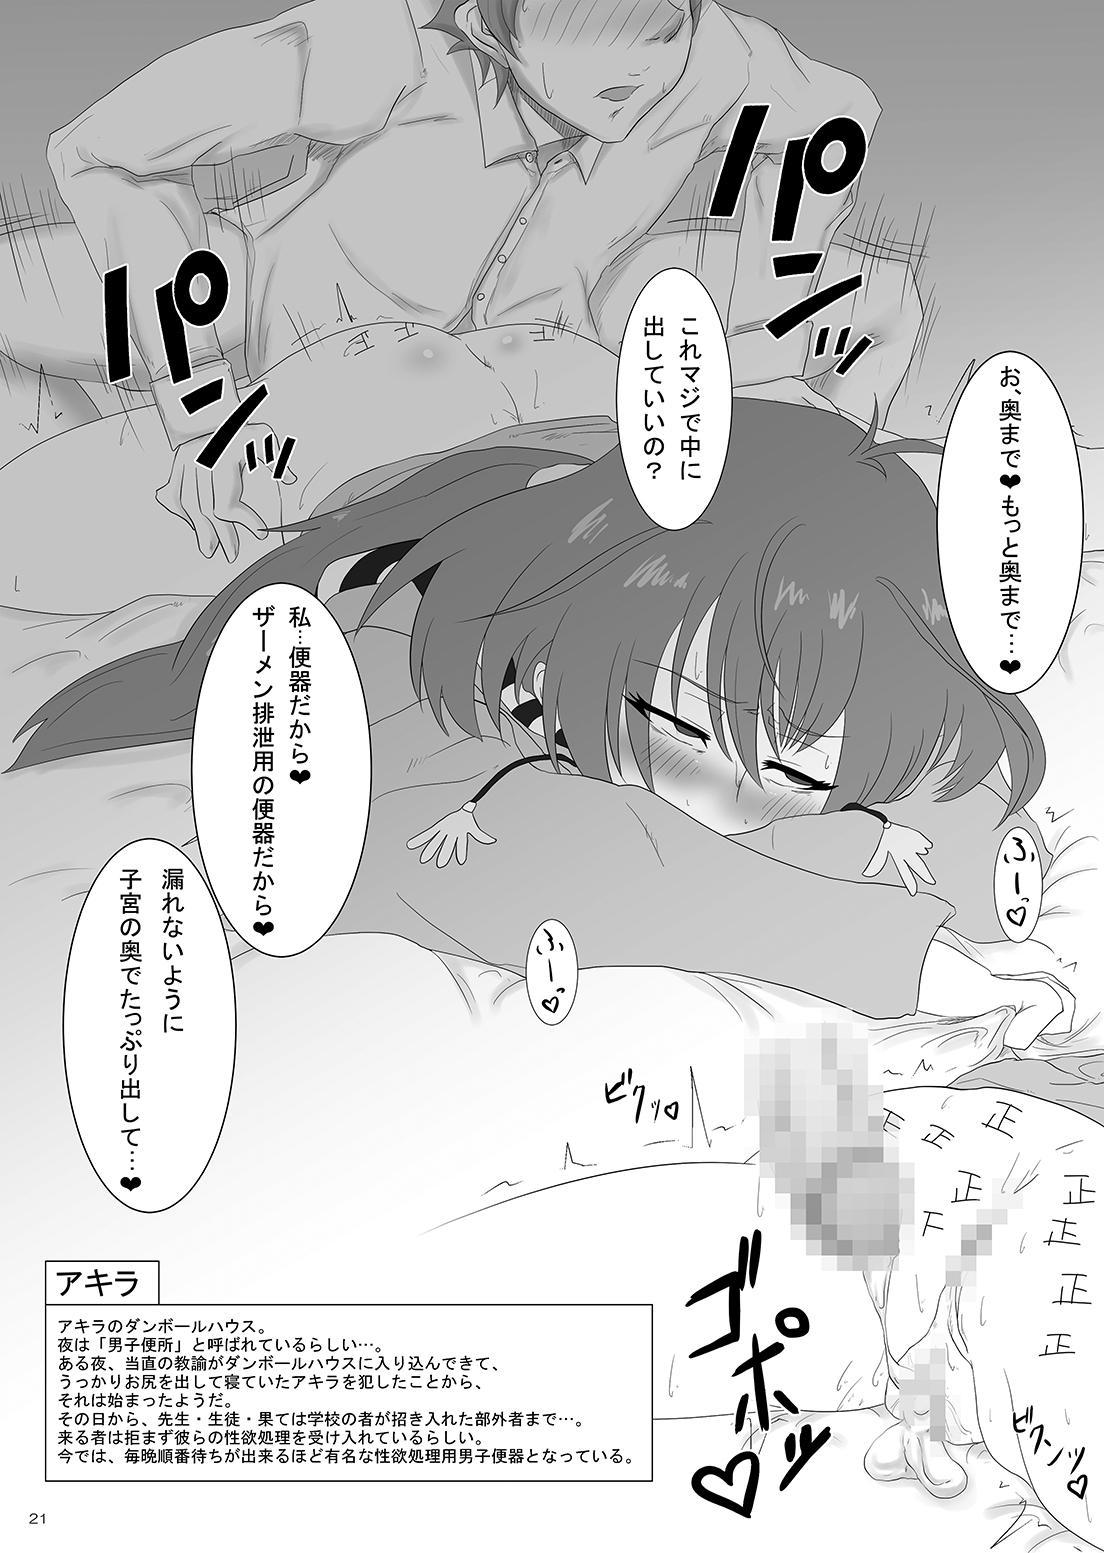 Bakunyuu Chitai wo Abakare Ikimakuru Heroine Tachi 19